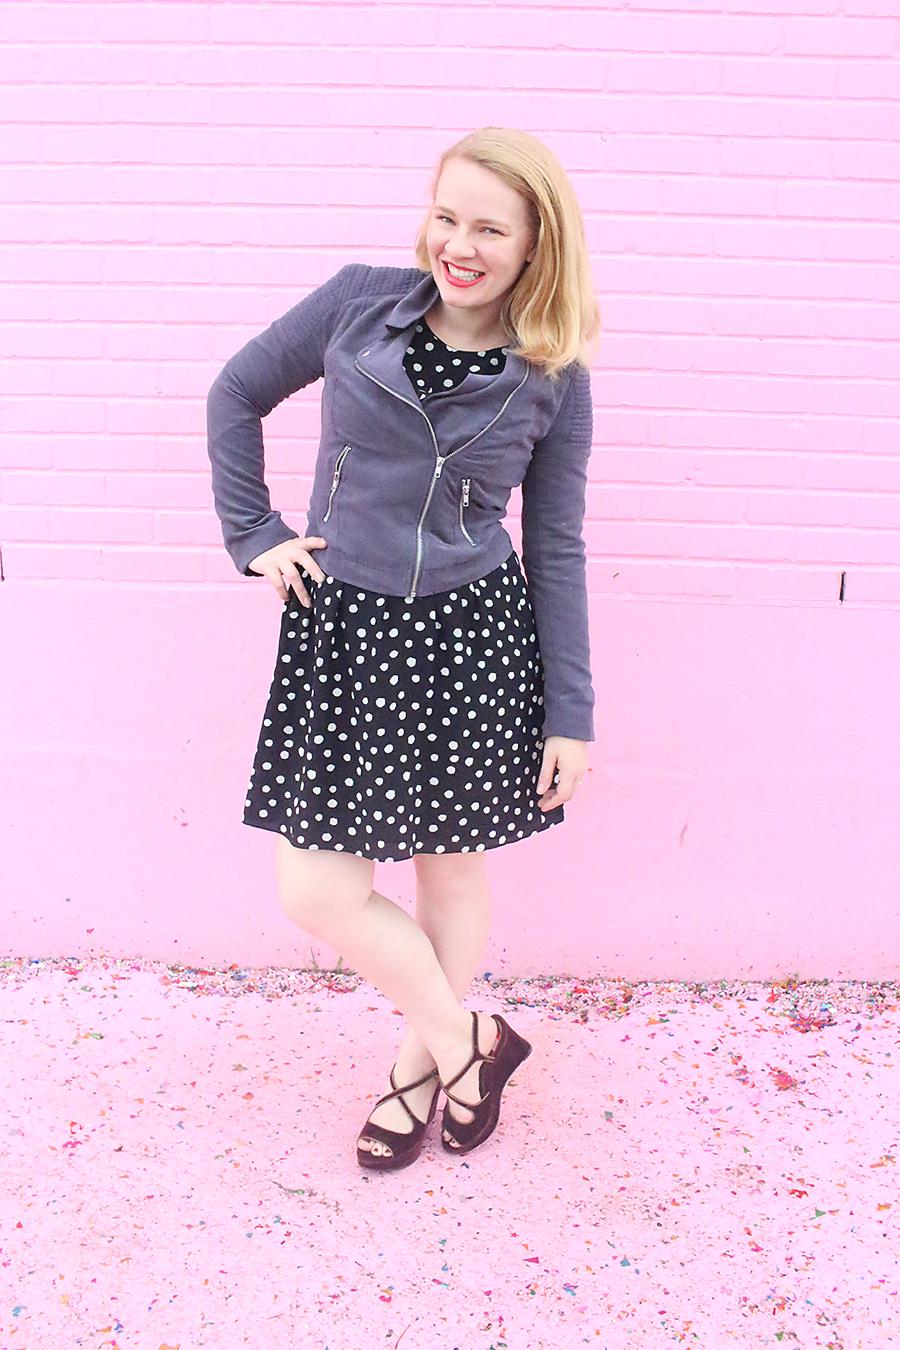 Fall Dress Transition | Polka Dots & Moto Jacket